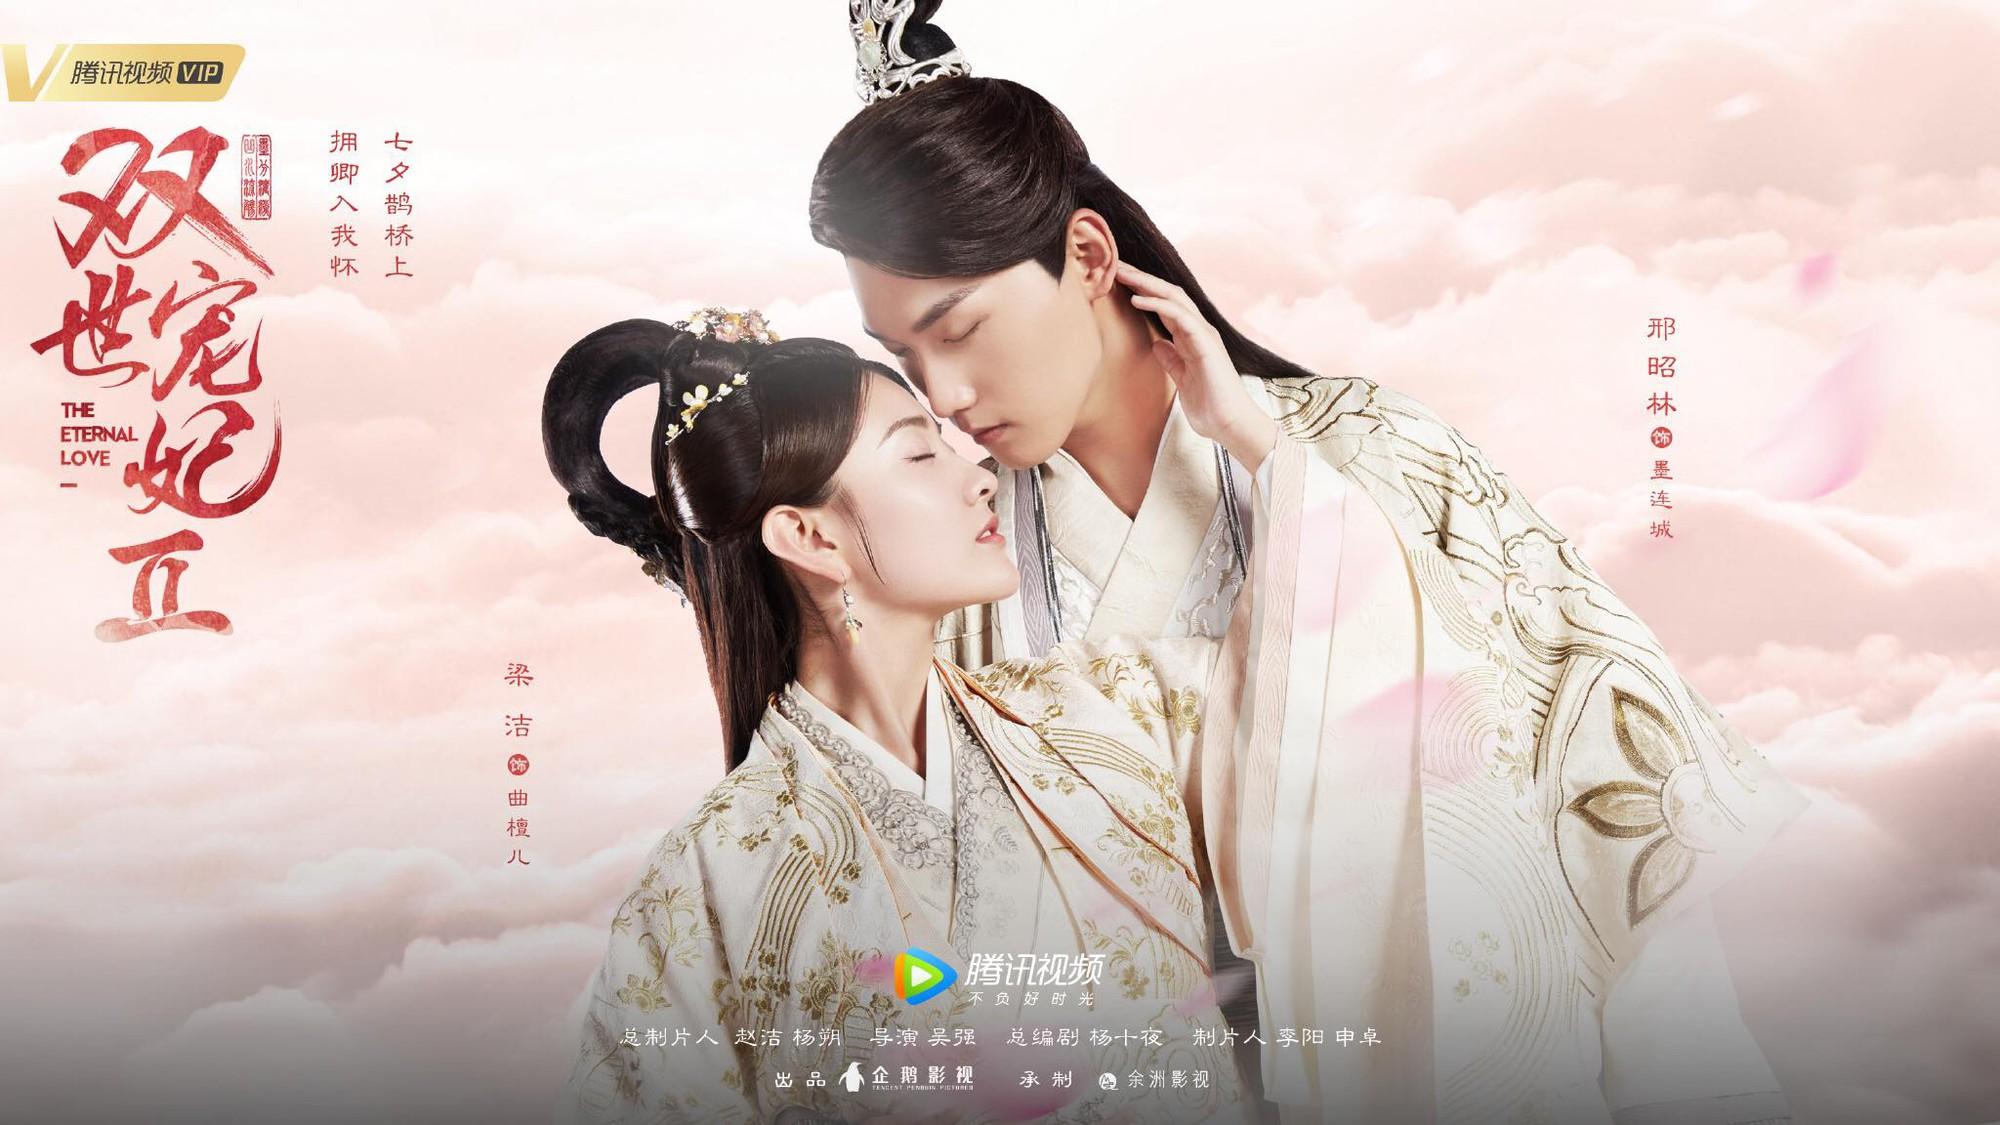 Chúng ta lại có thể tiếp tục Xem phim Song The Sung Phi 2 vào đầu tháng 10 này